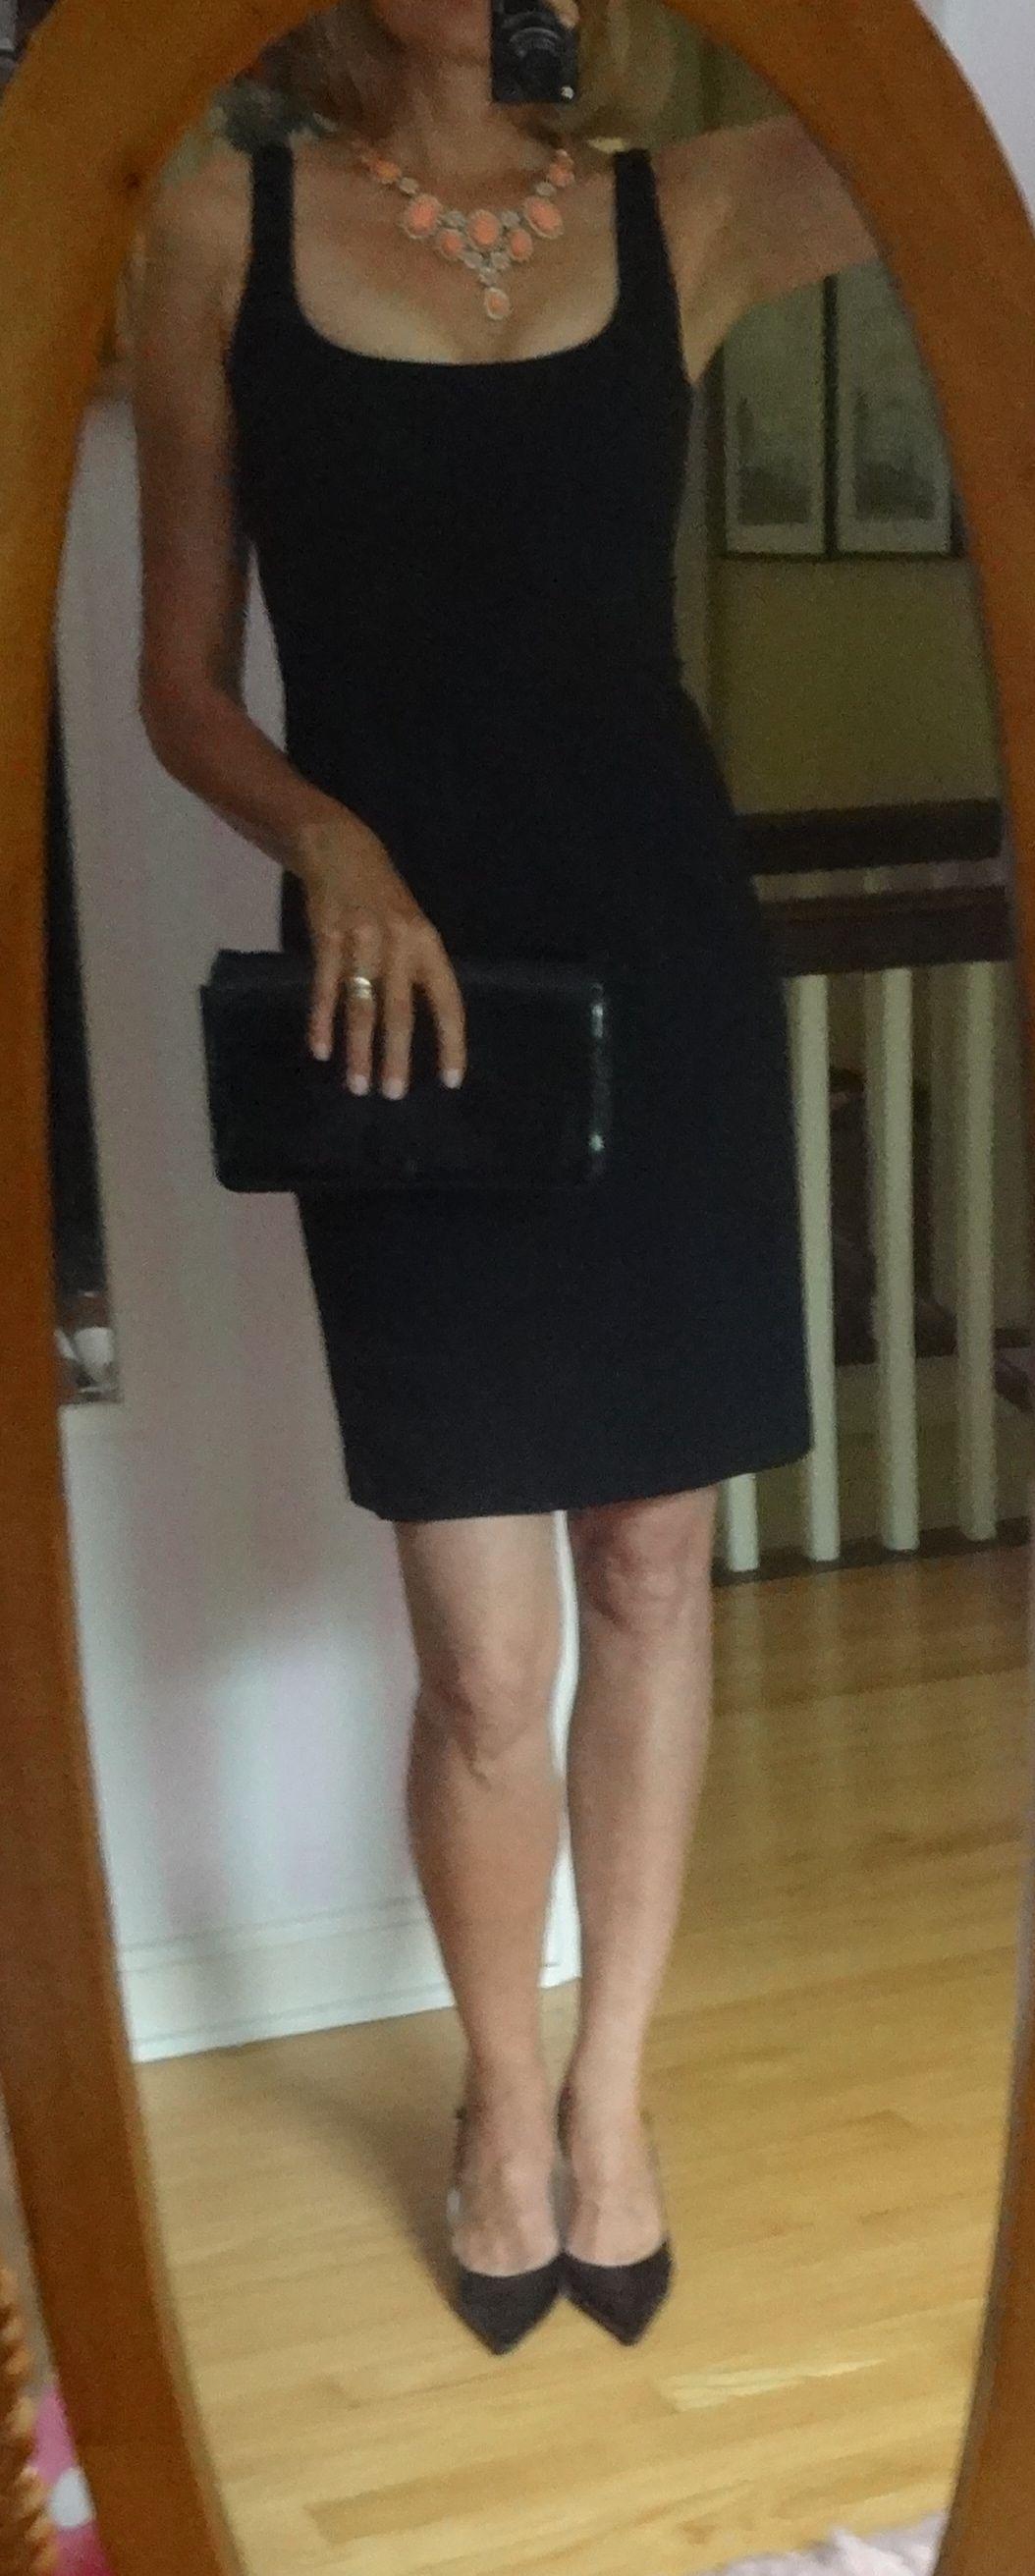 Dressing over 50 - the little black dress